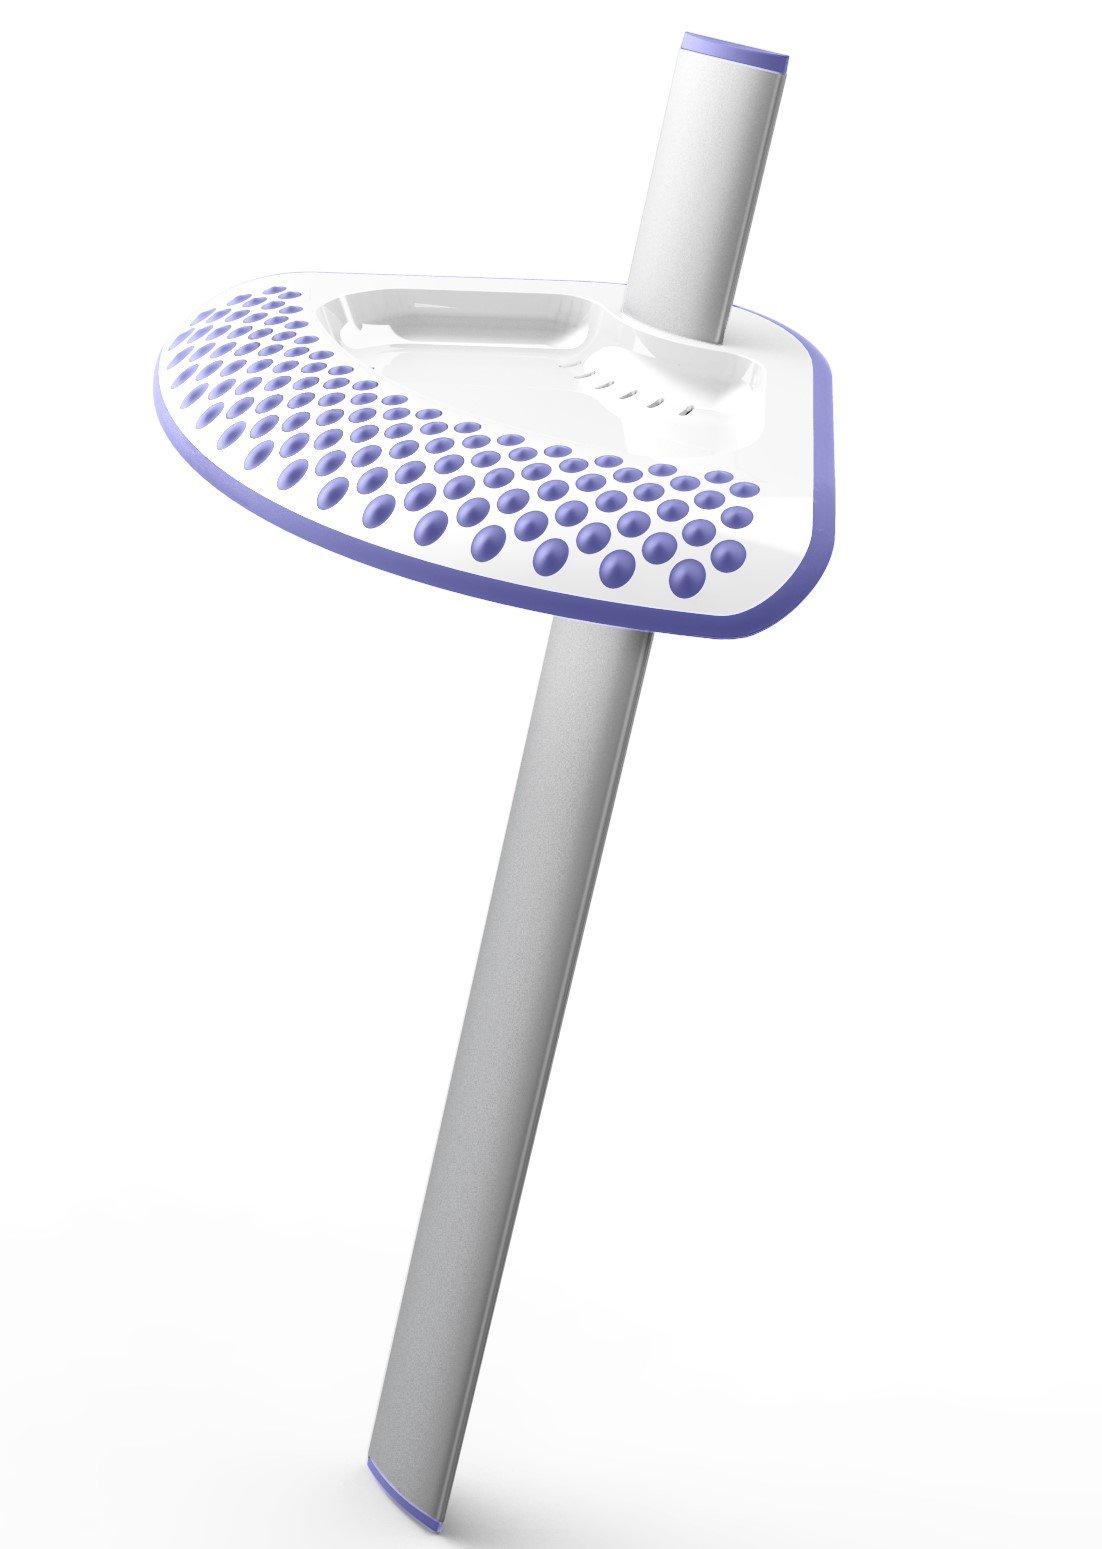 Shower Sidekick (Lavender) - Portable Adjustable Shower Shaving Stand - Shaving Ledge - Foot Rest